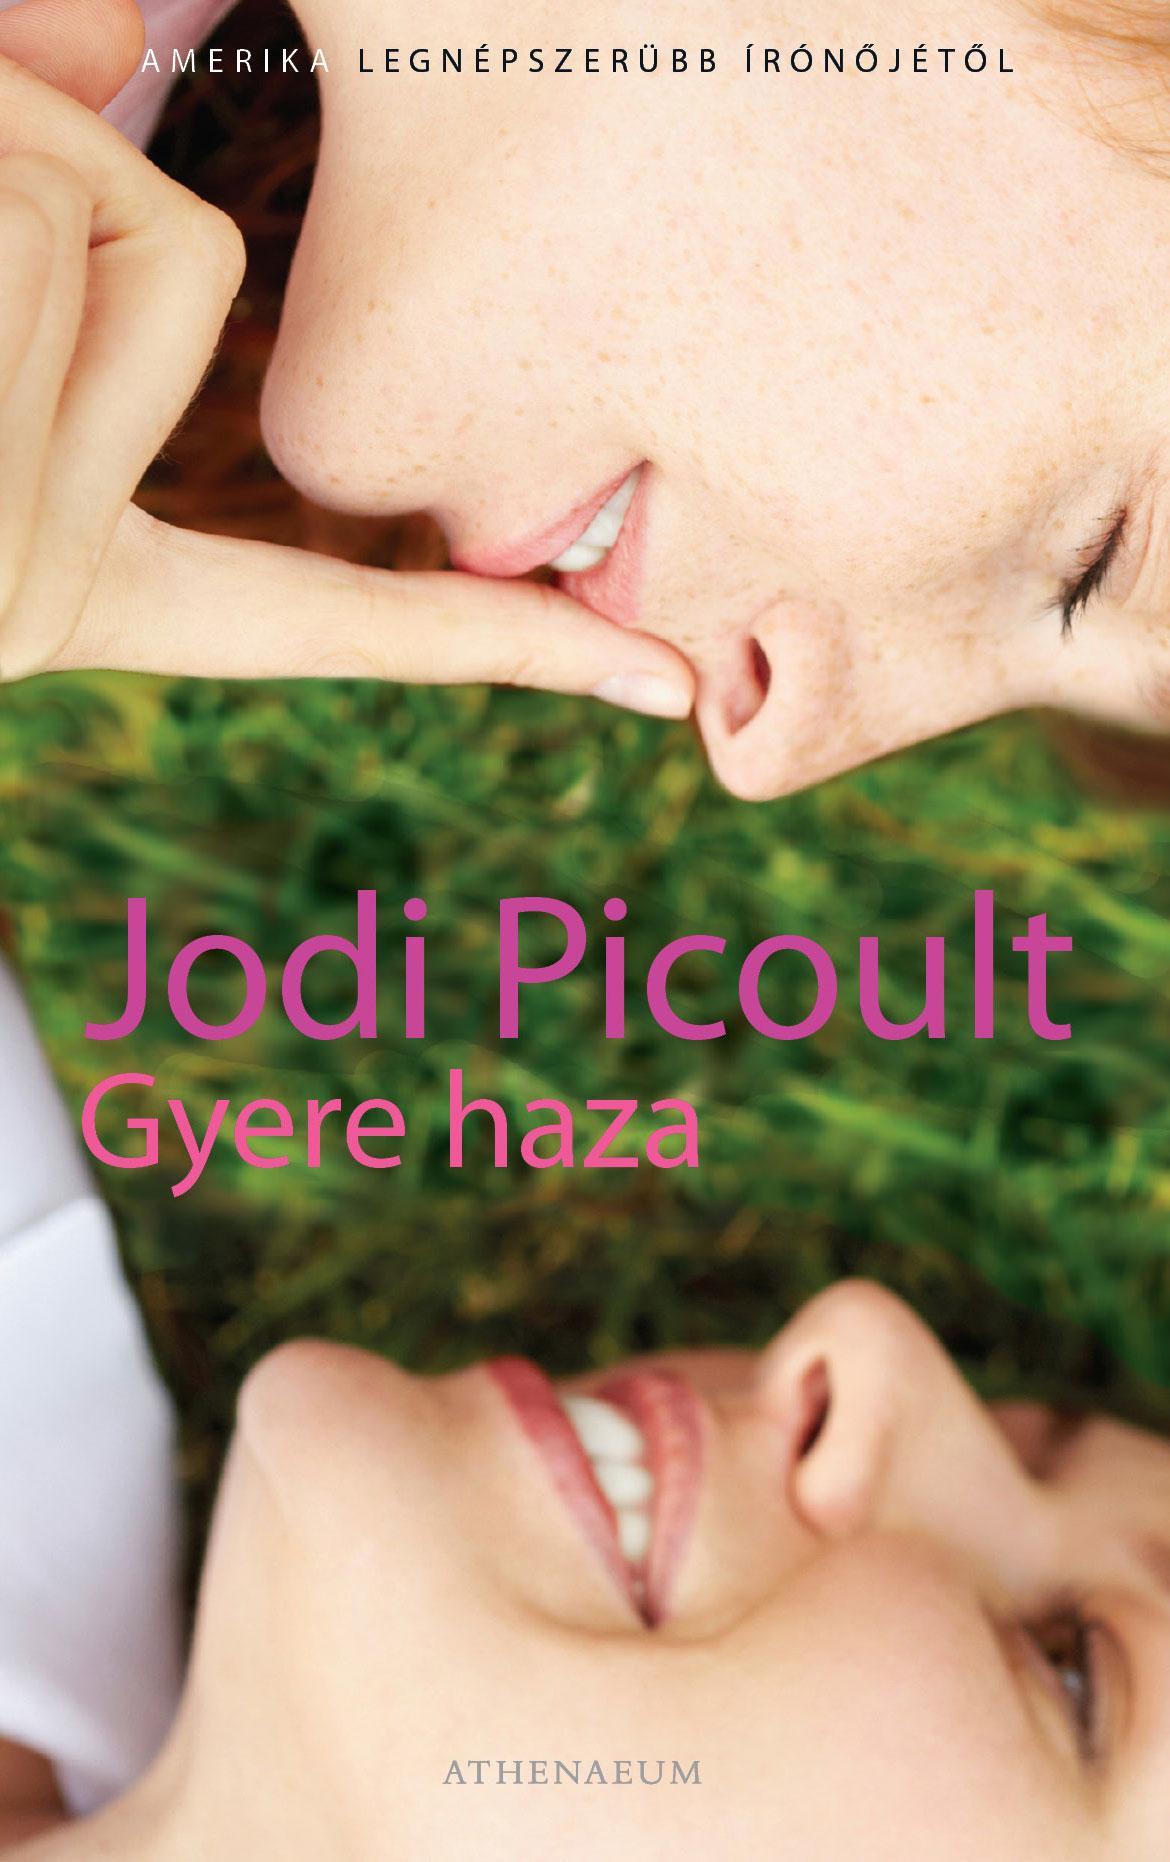 PICOULT, JODI - GYERE HAZA -